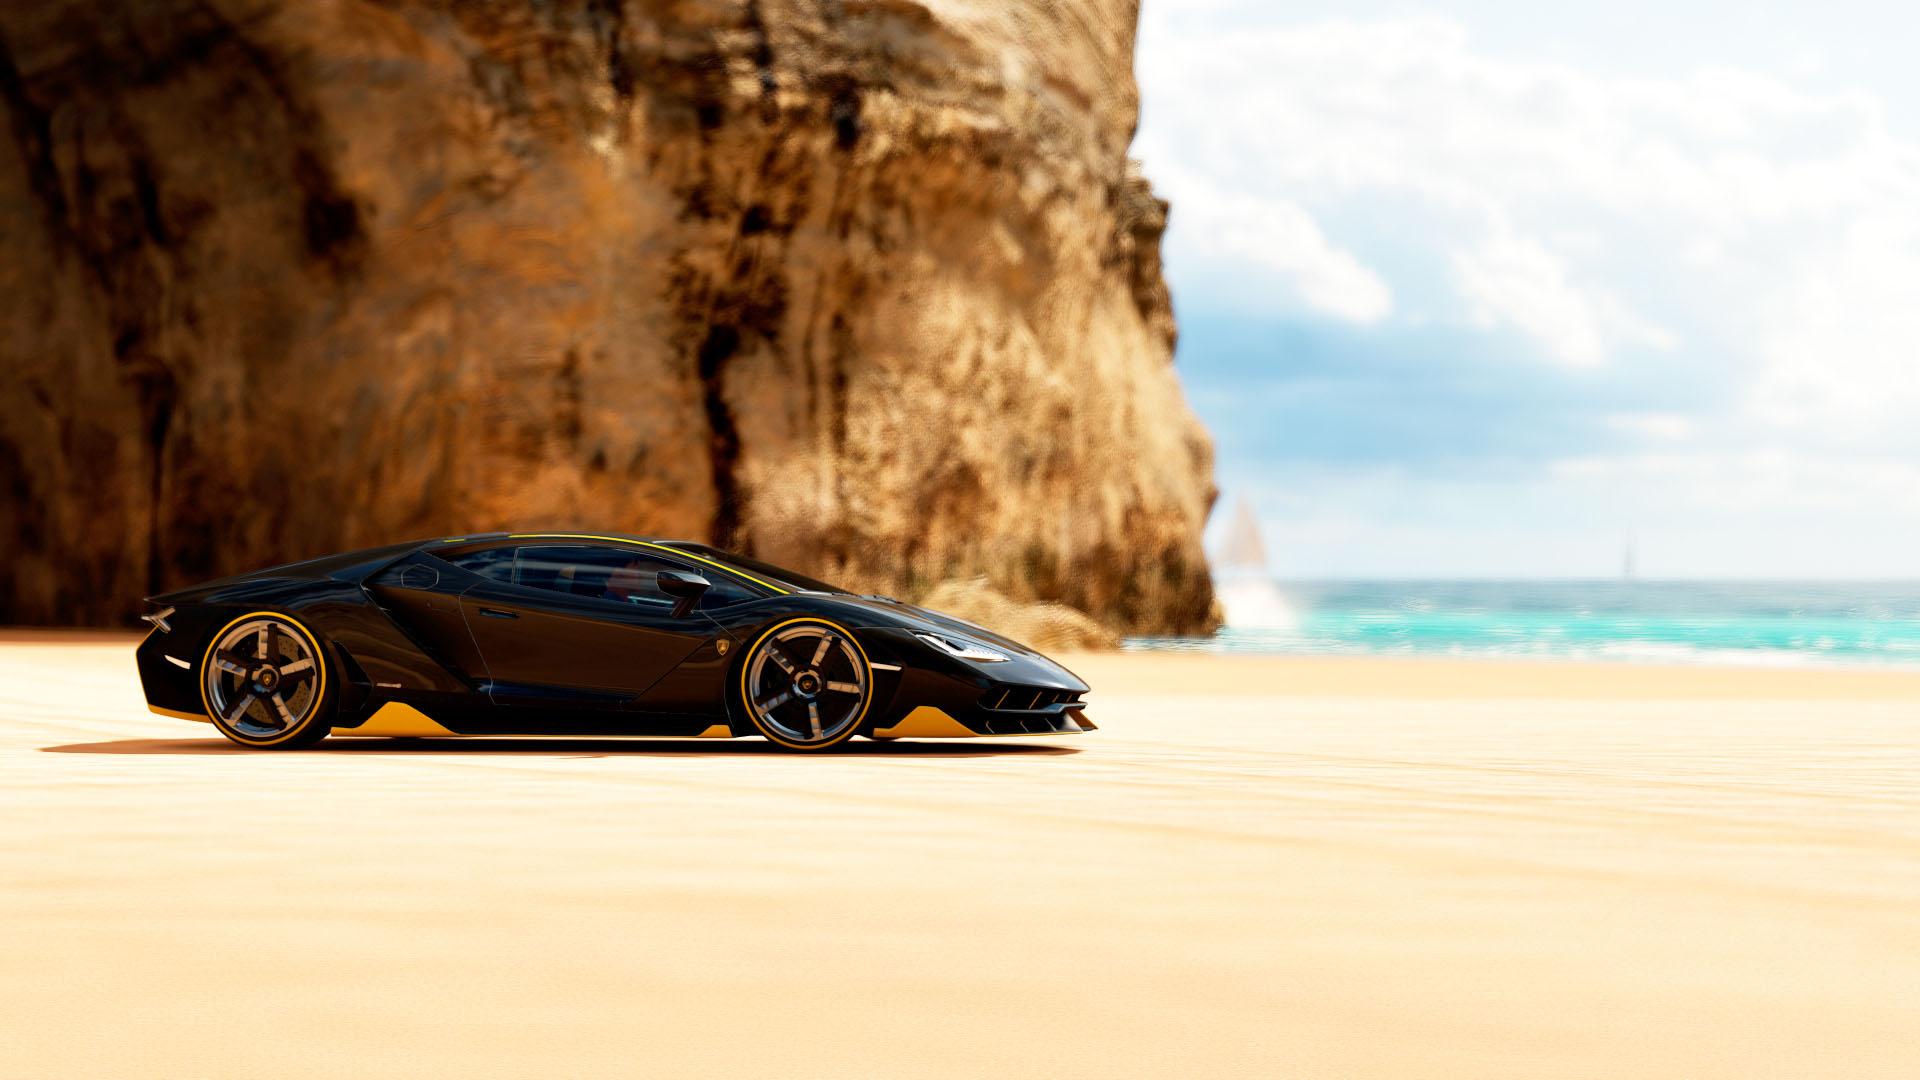 Hình nền siêu xe lamborghini ở bãi biển